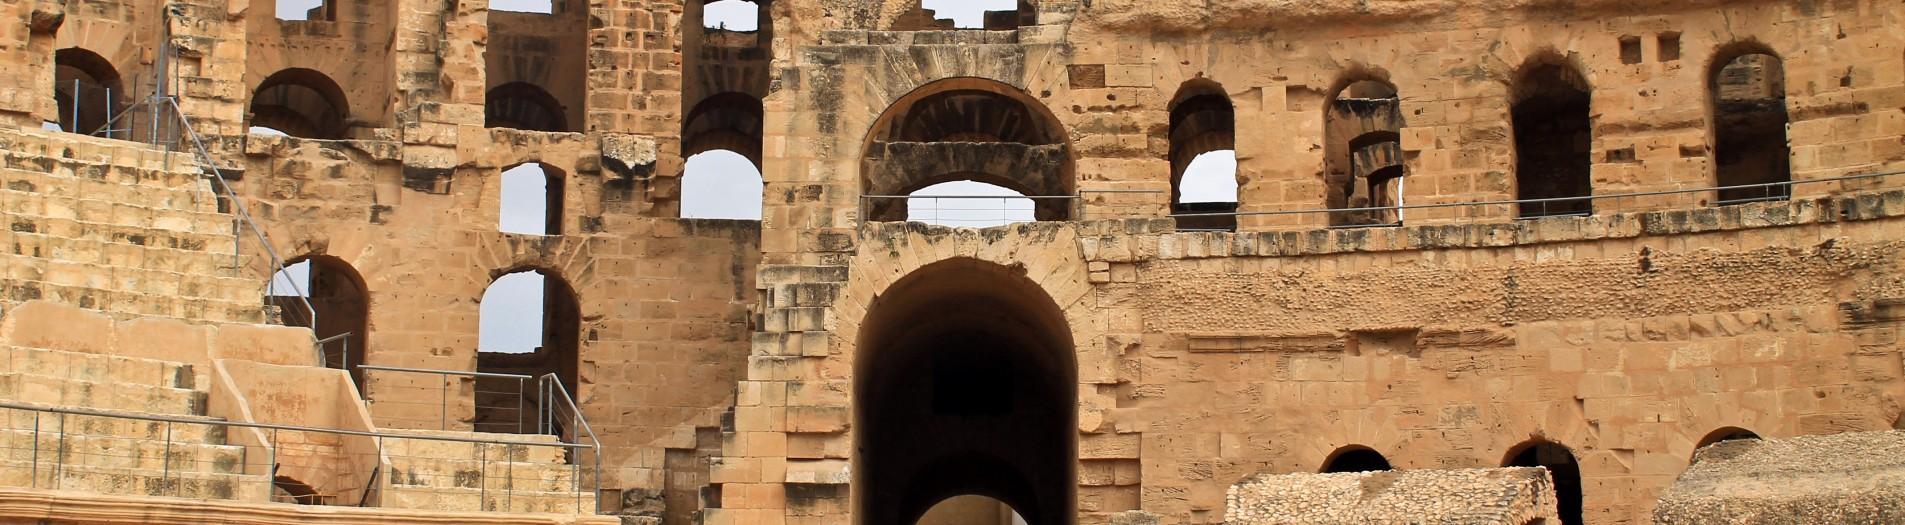 Les amphithéâtres romains en Tunisie